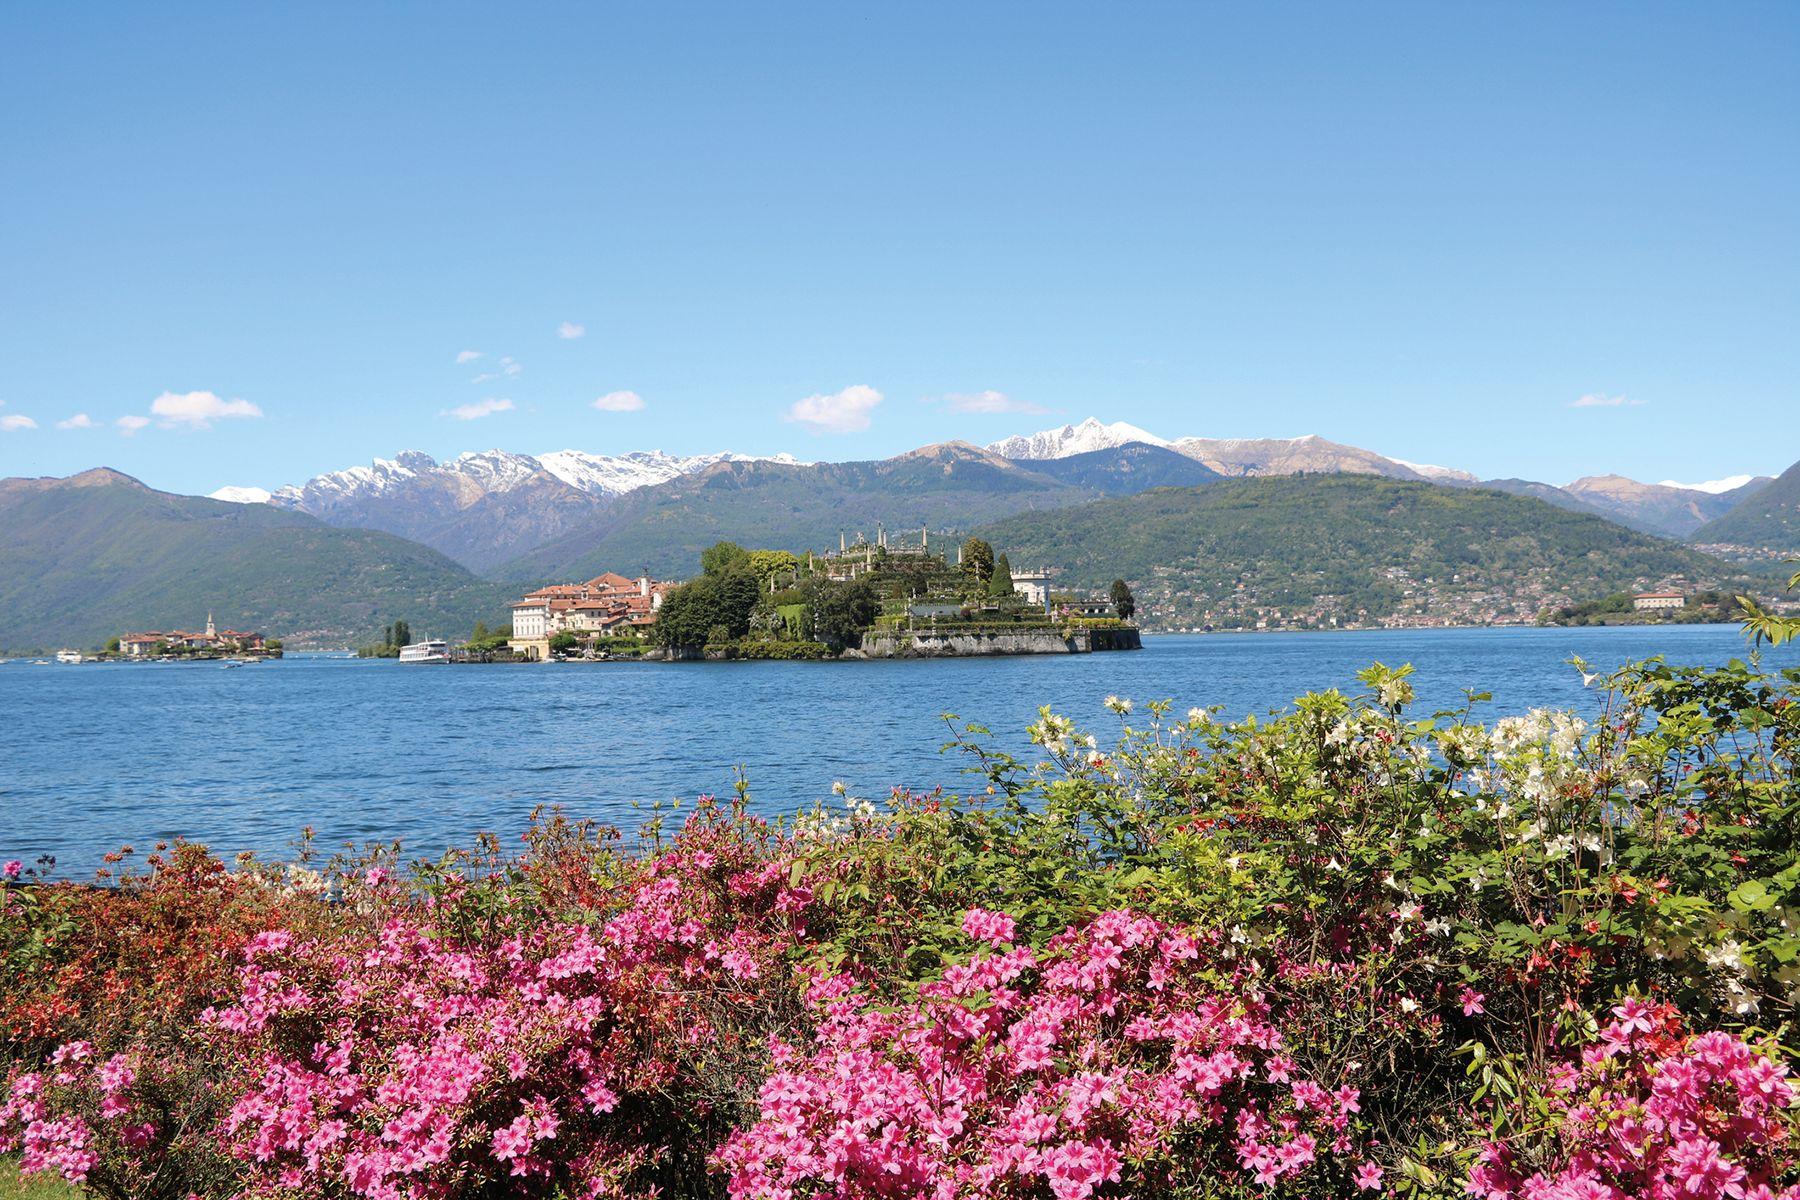 Lago Maggiore iStock1157003210 web